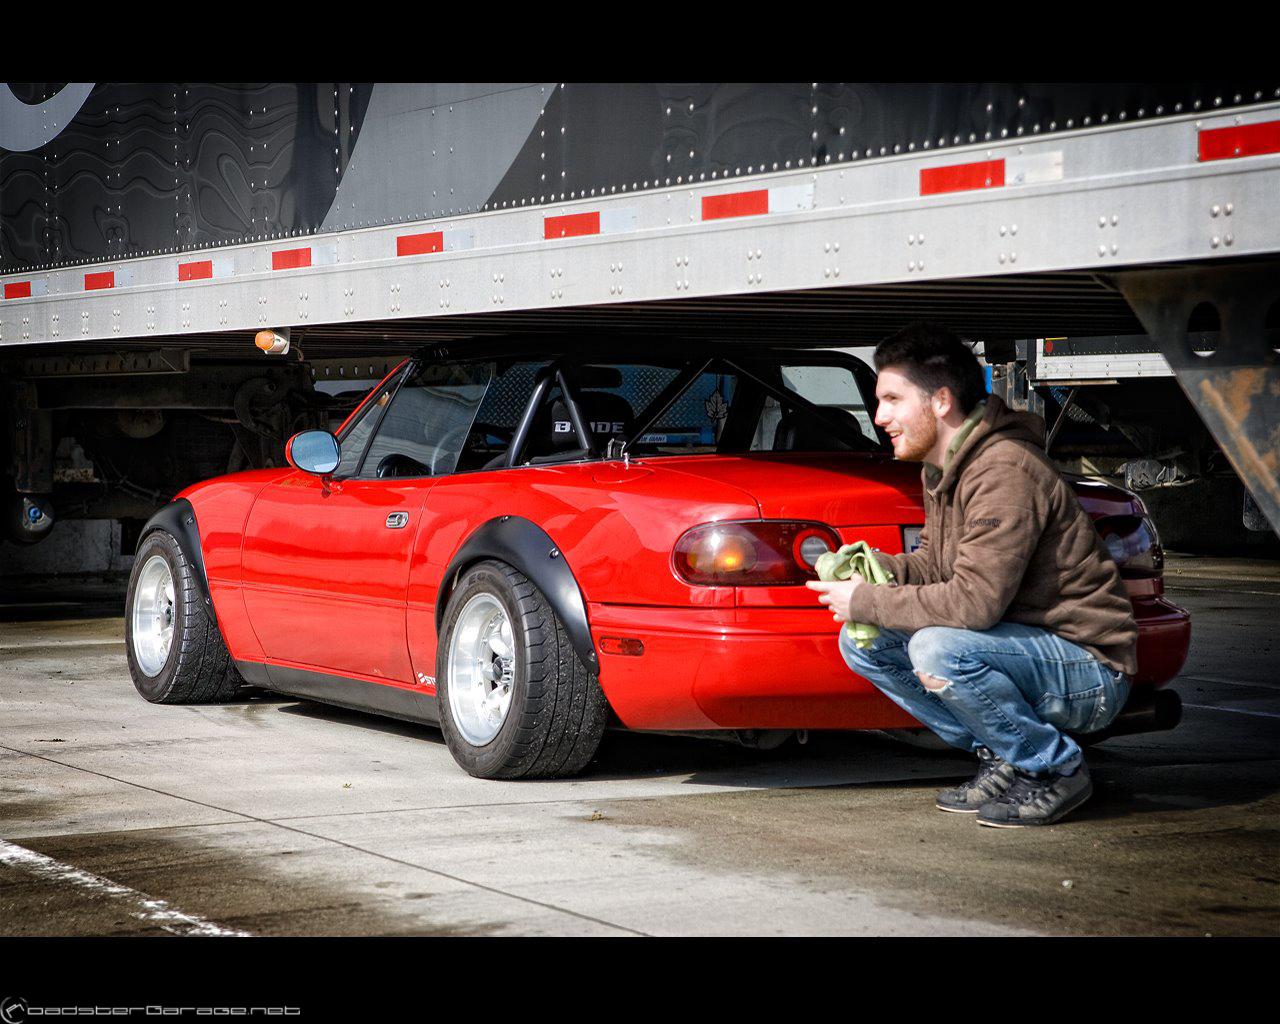 Autokonexion | RoadsterGarage Net